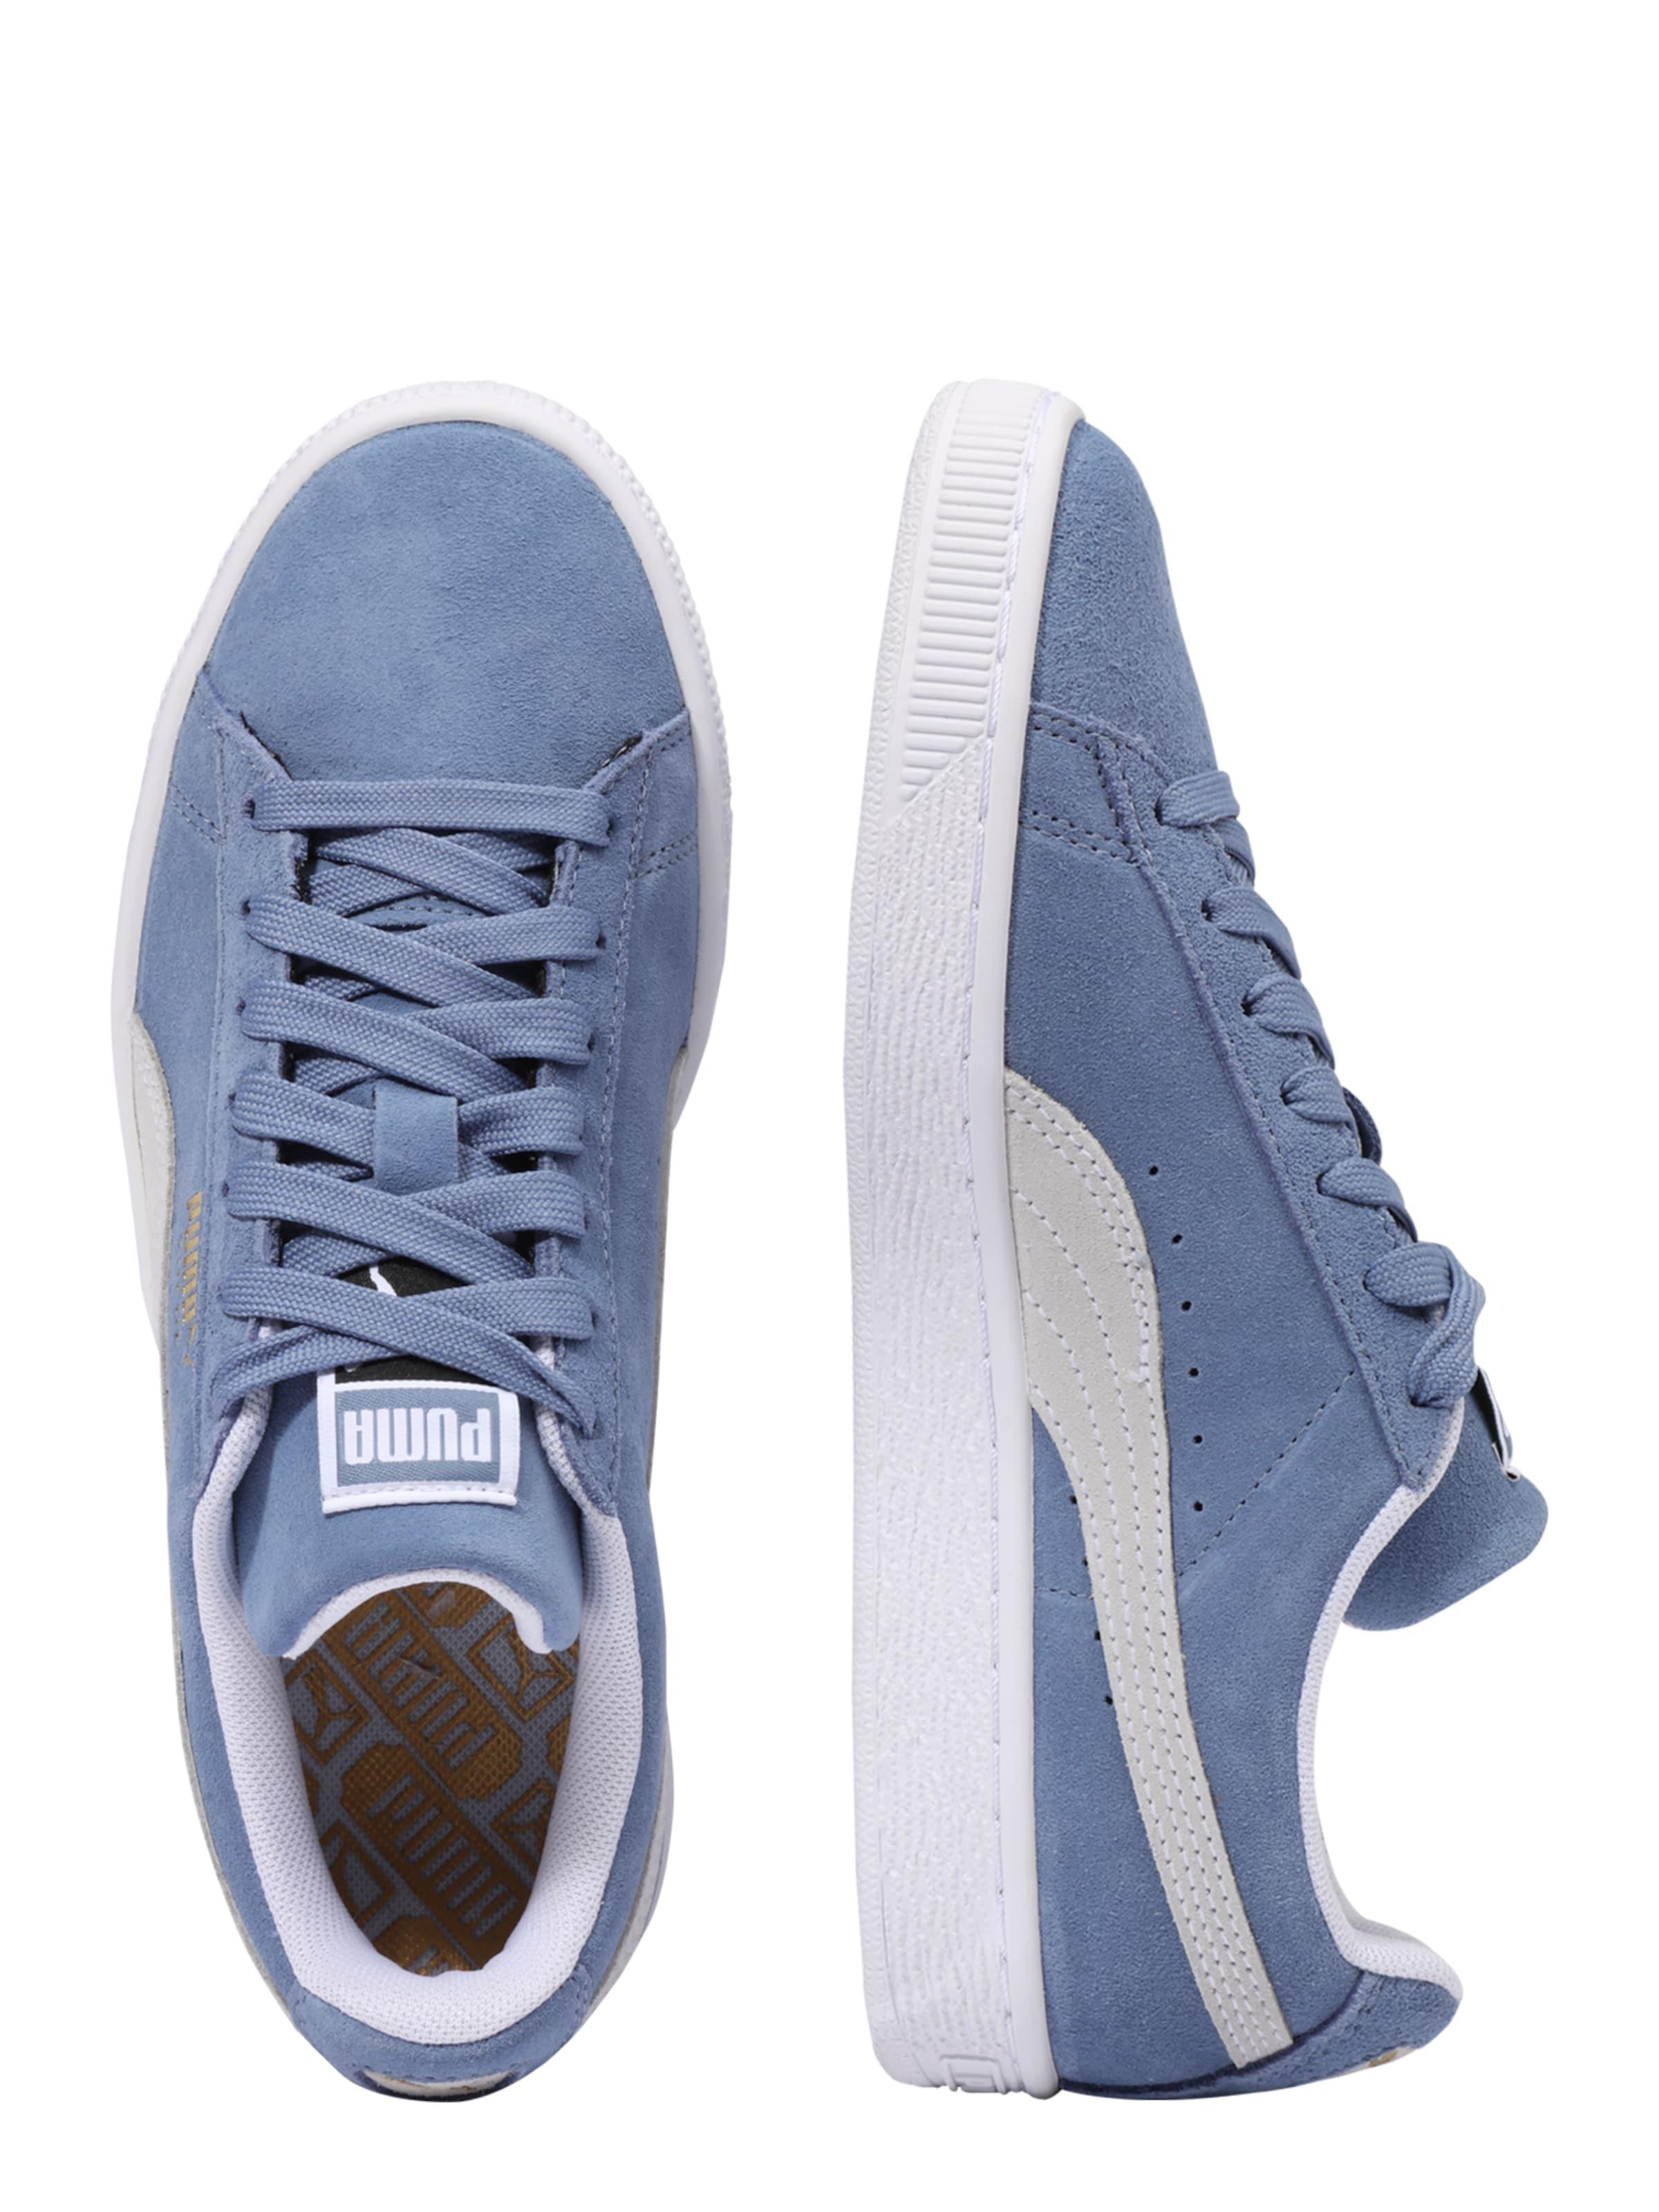 PUMA Sneaker 'Classic' Billig Verkaufen Brandneue Unisex Bilder f0a9W2ZU